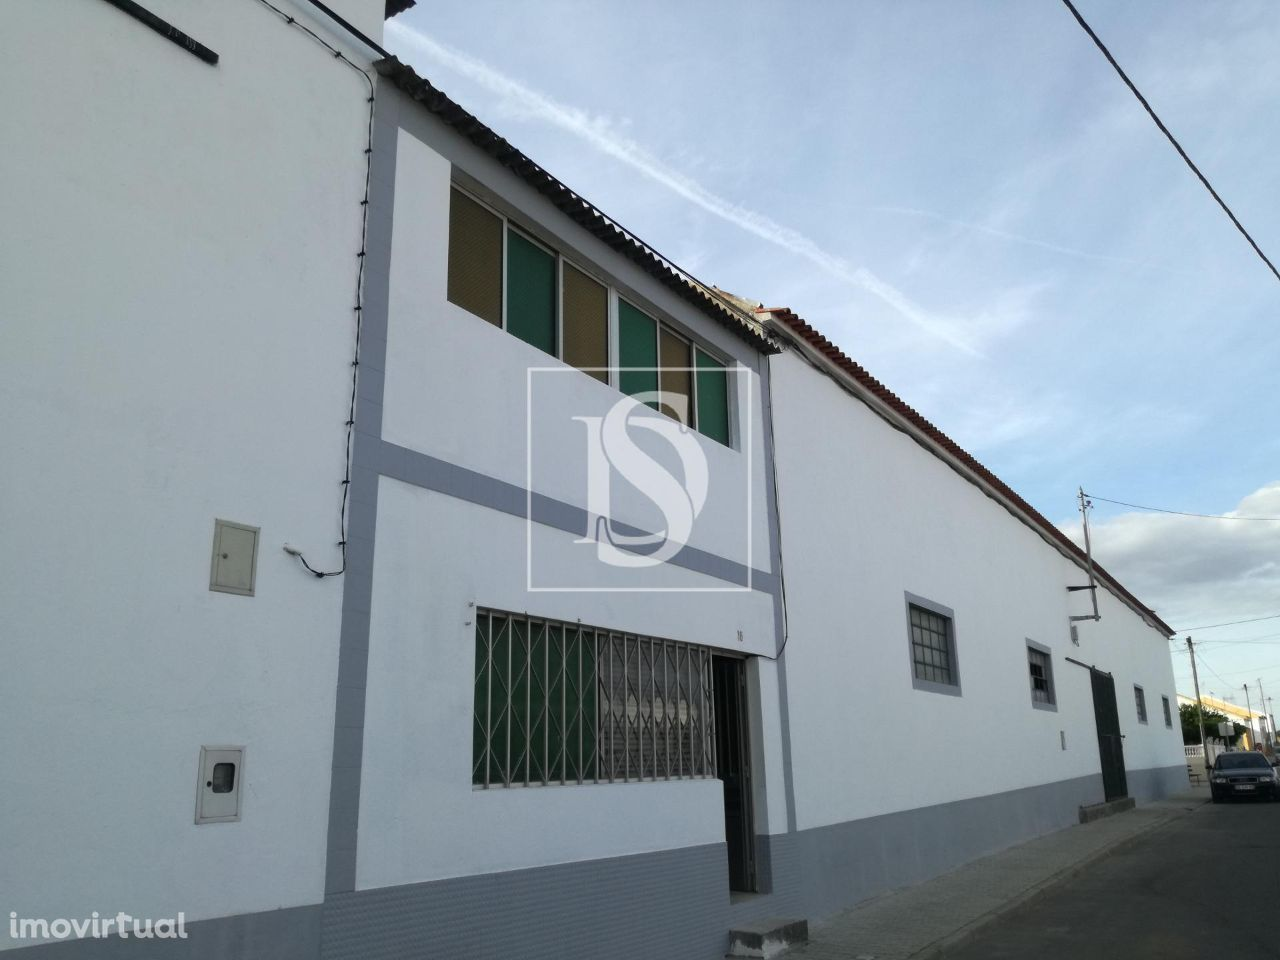 Terreno para comprar, Ermidas-Sado, Santiago do Cacém, Setúbal - Foto 5